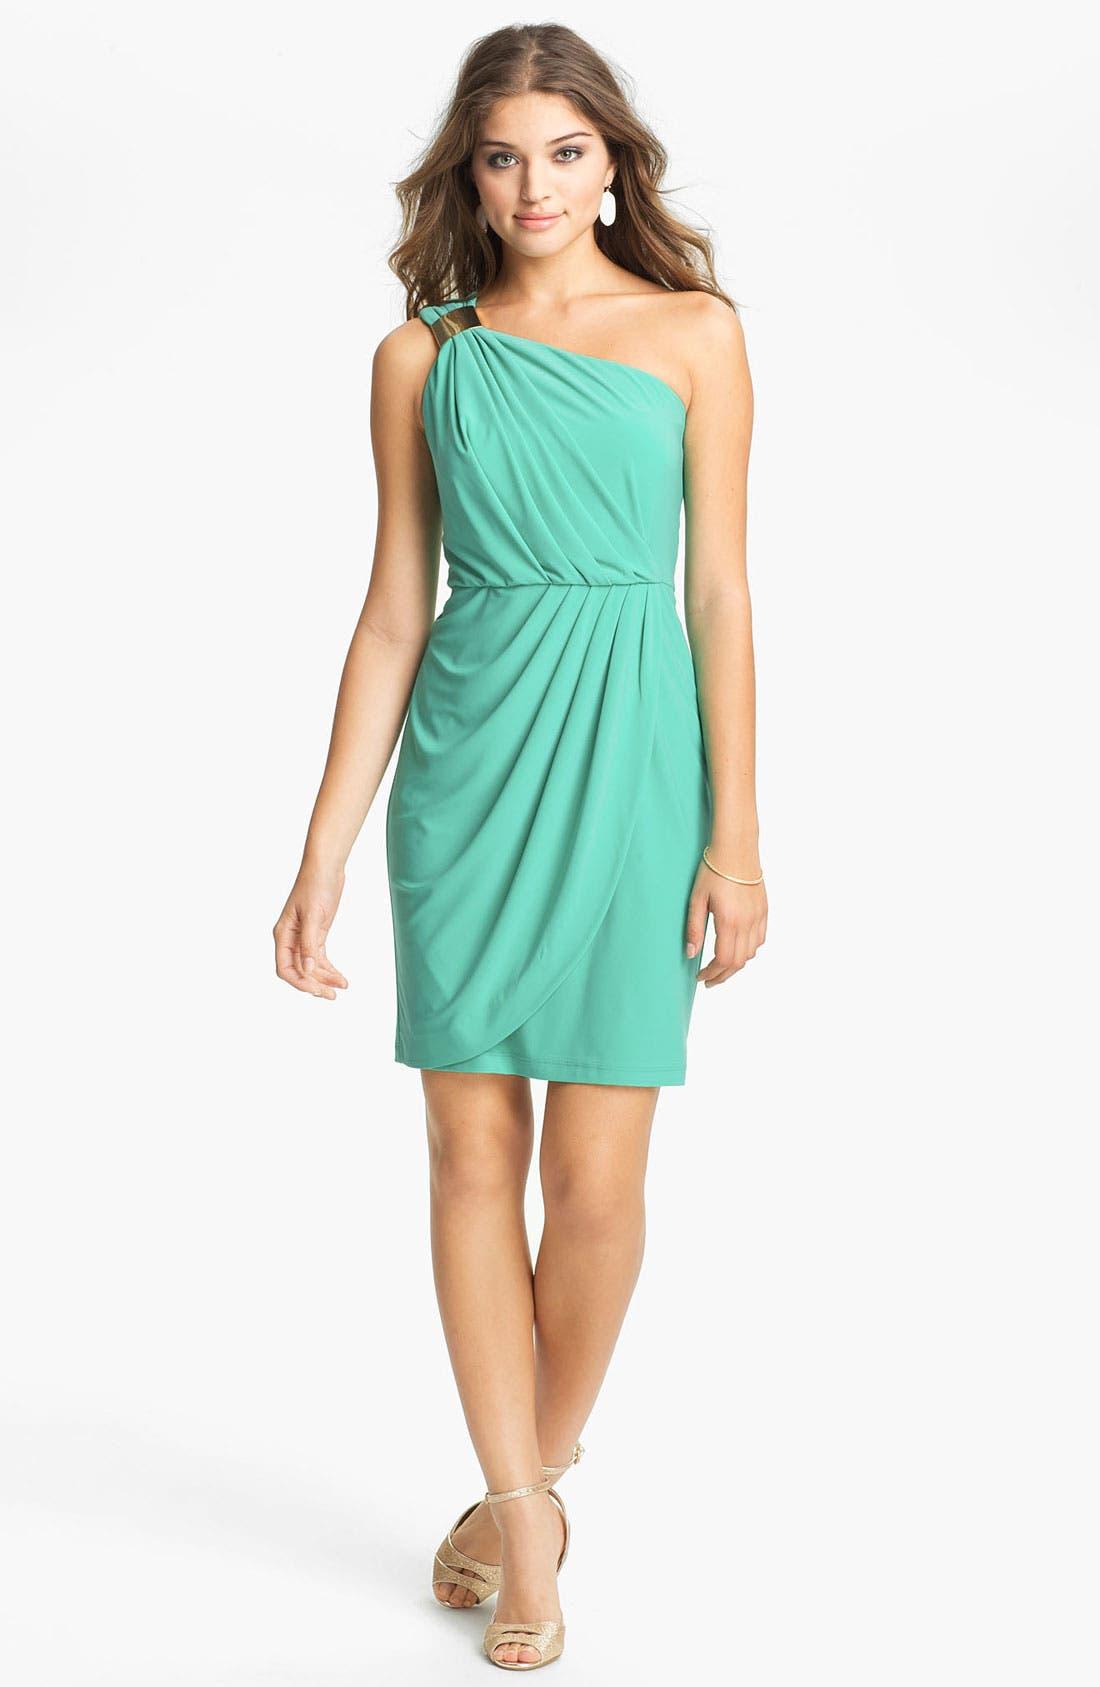 Alternate Image 1 Selected - Max & Cleo Embellished One Shoulder Dress